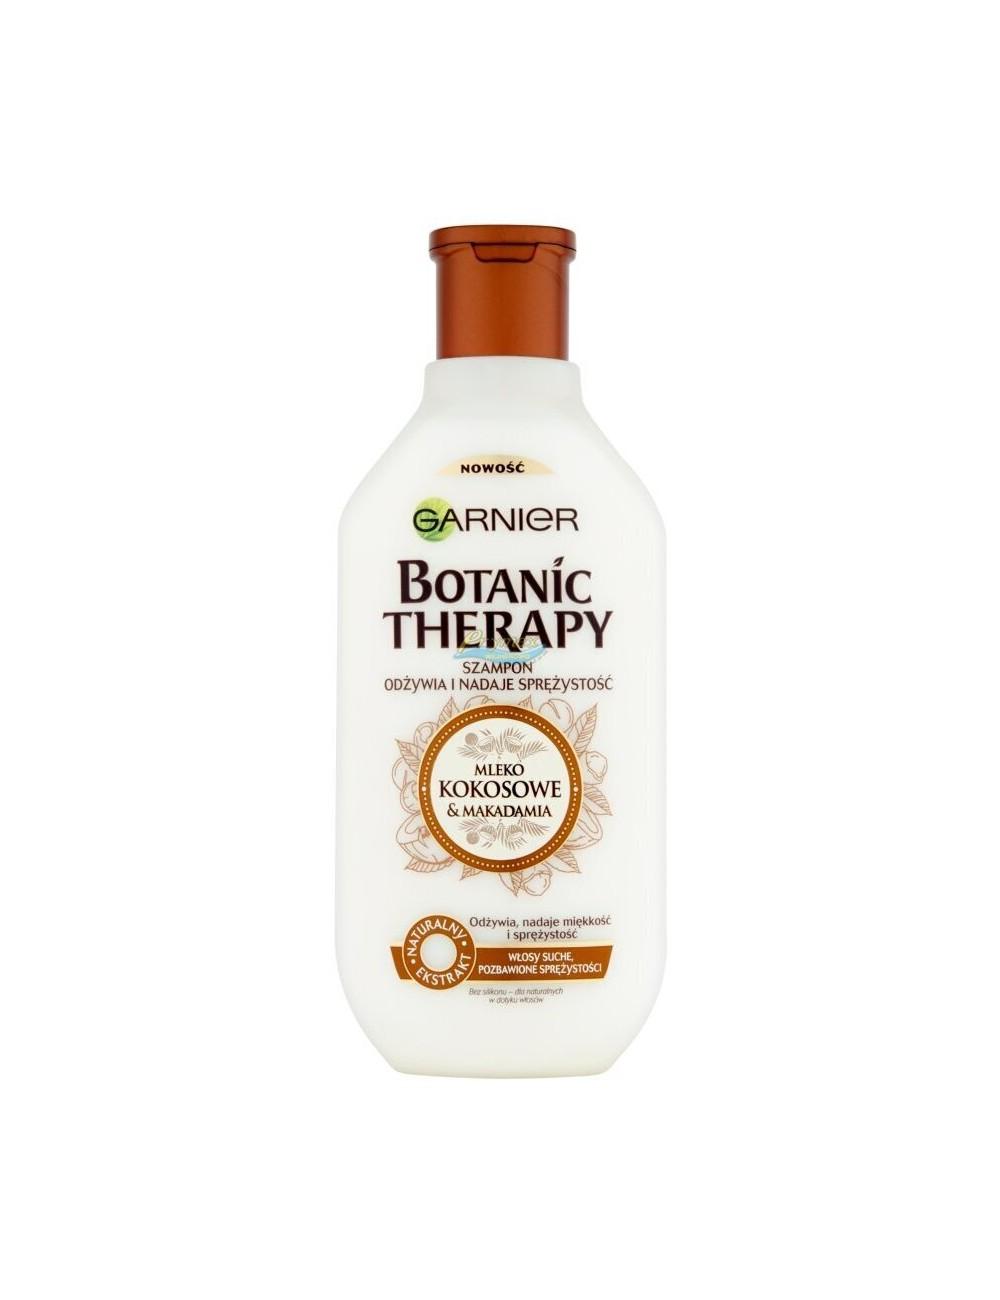 Garnier Botanic Therapy Szampon z Mlekiem Kokosowym i Makadamią 400 ml